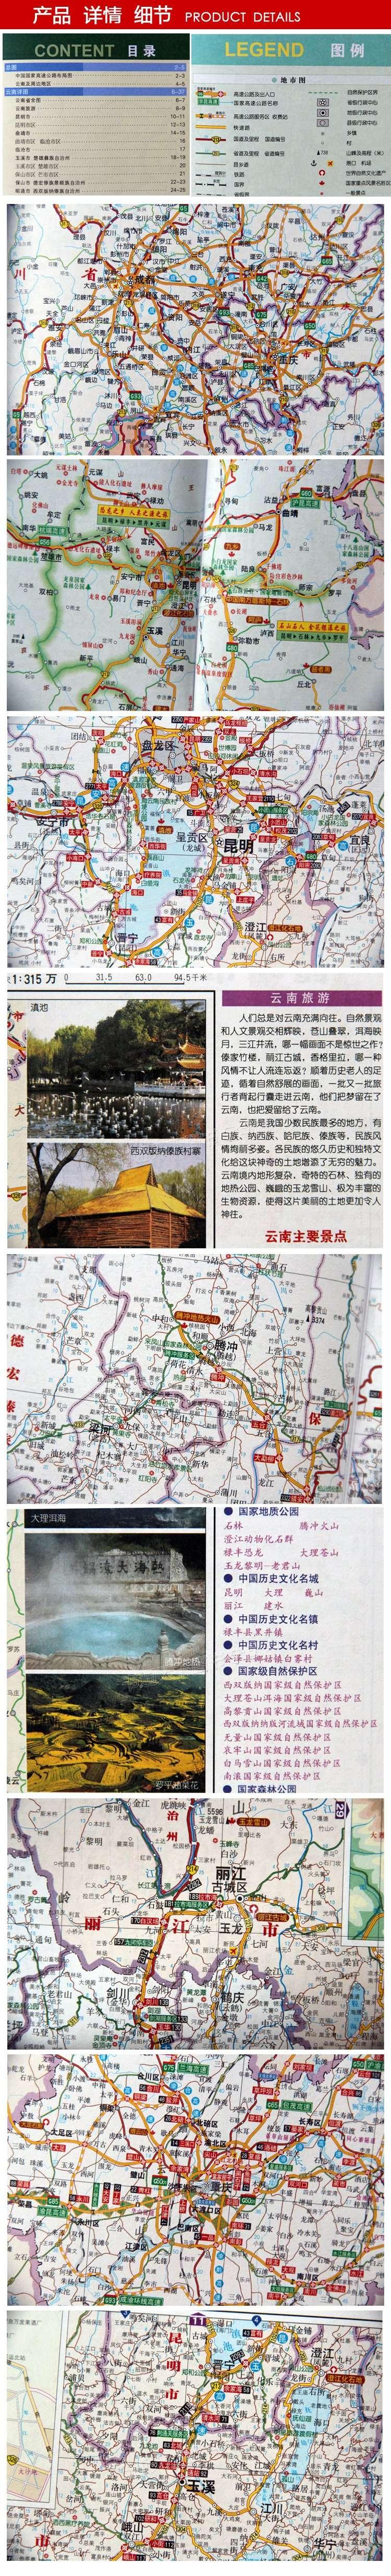 2018新版 云南及周边地区公路里程地图册 中国公路地图分册系列 大